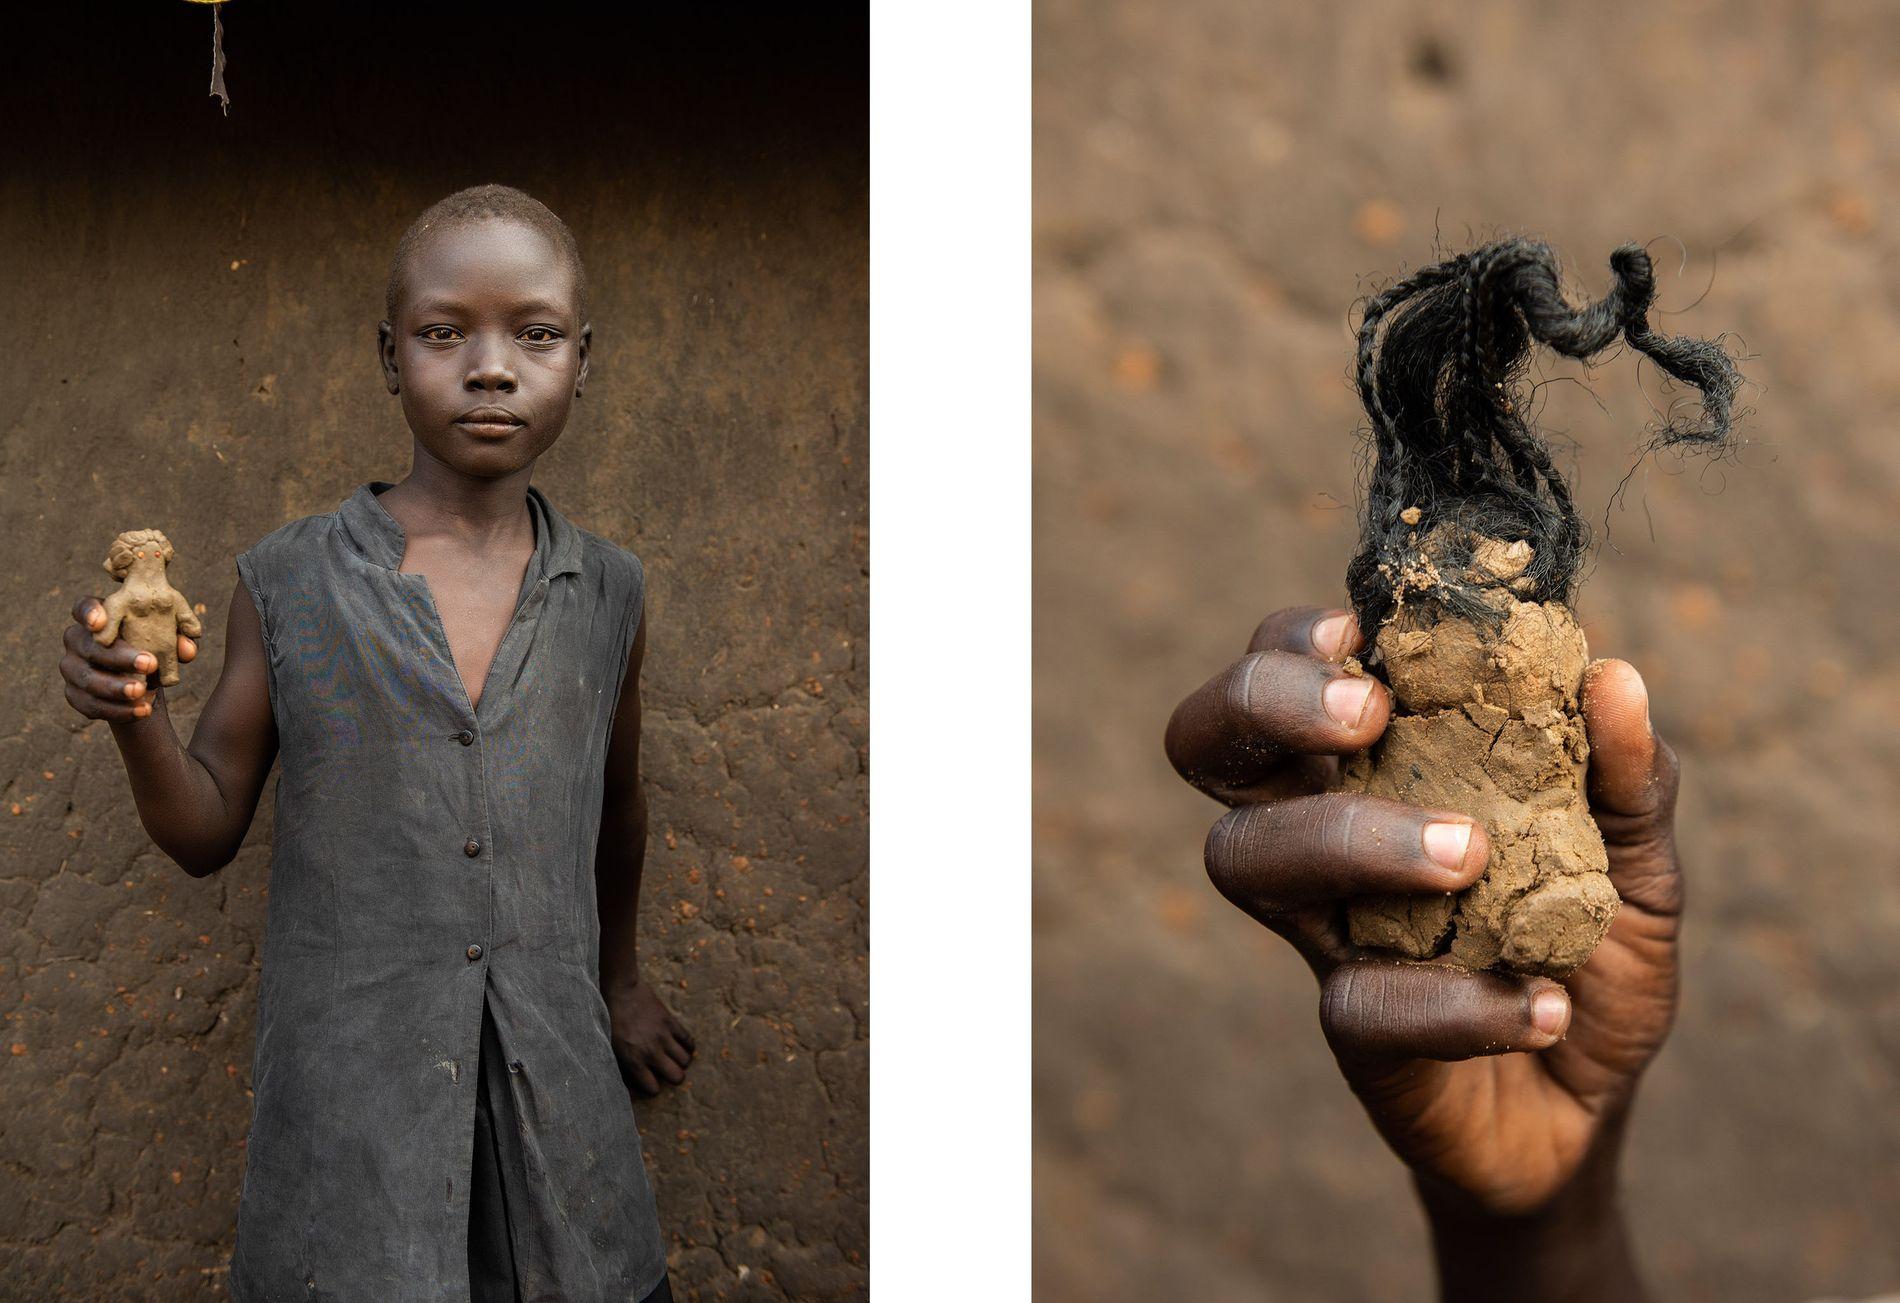 squerda: Susan James, 10 anos, segura a sua boneca de barro. Direita: Simon Ayole, 13 anos, ...